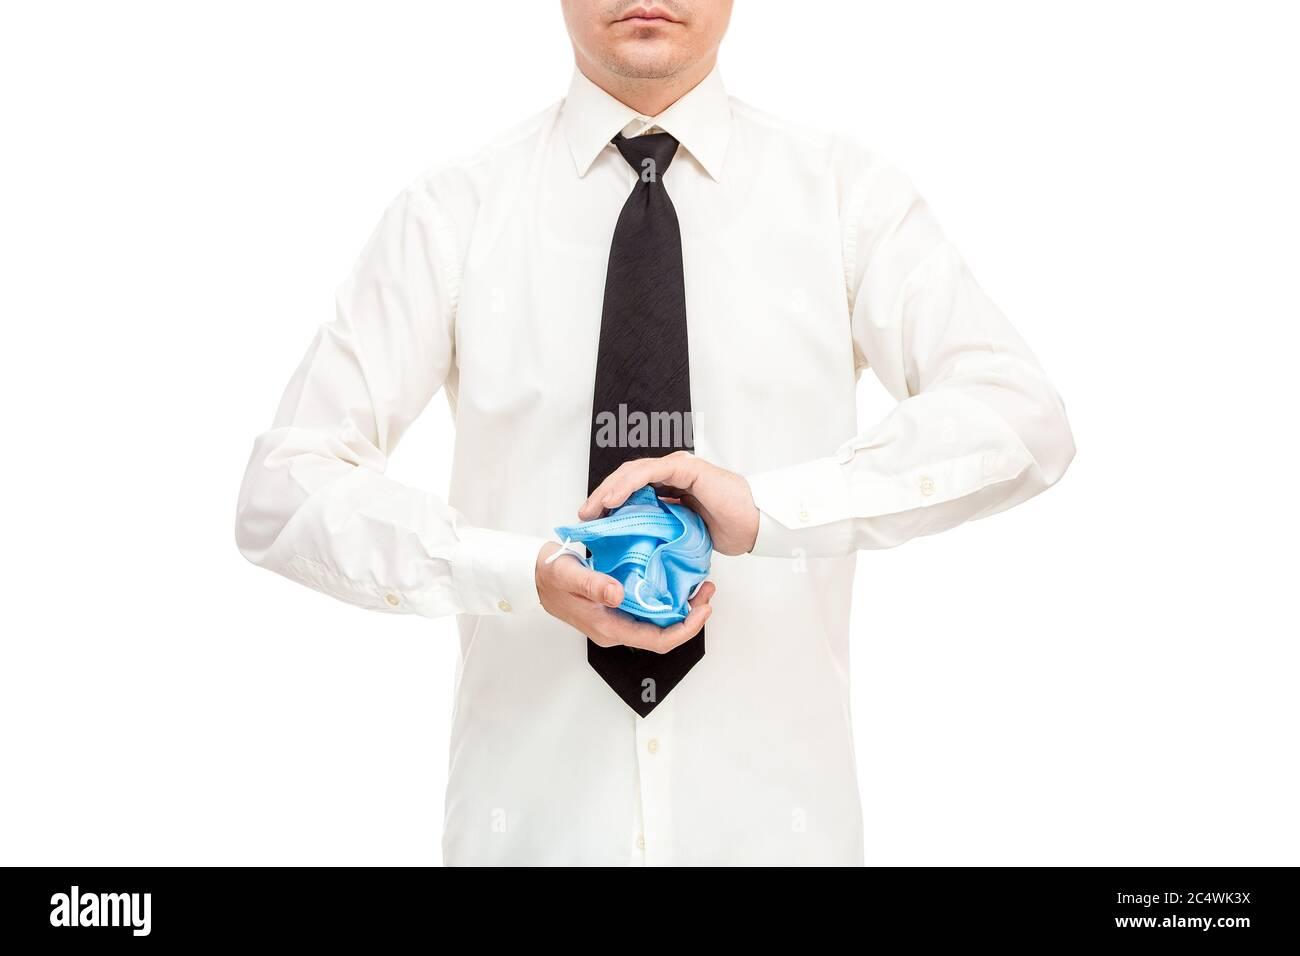 Gesichtsloser Mann in weißem Hemd und schwarzer Krawatte zerbröckelte Bündel von unwirksamen und nutzlosen medizinischen Masken in seinen Händen aus Protest gegen die Quarantäne-Crisi Stockfoto